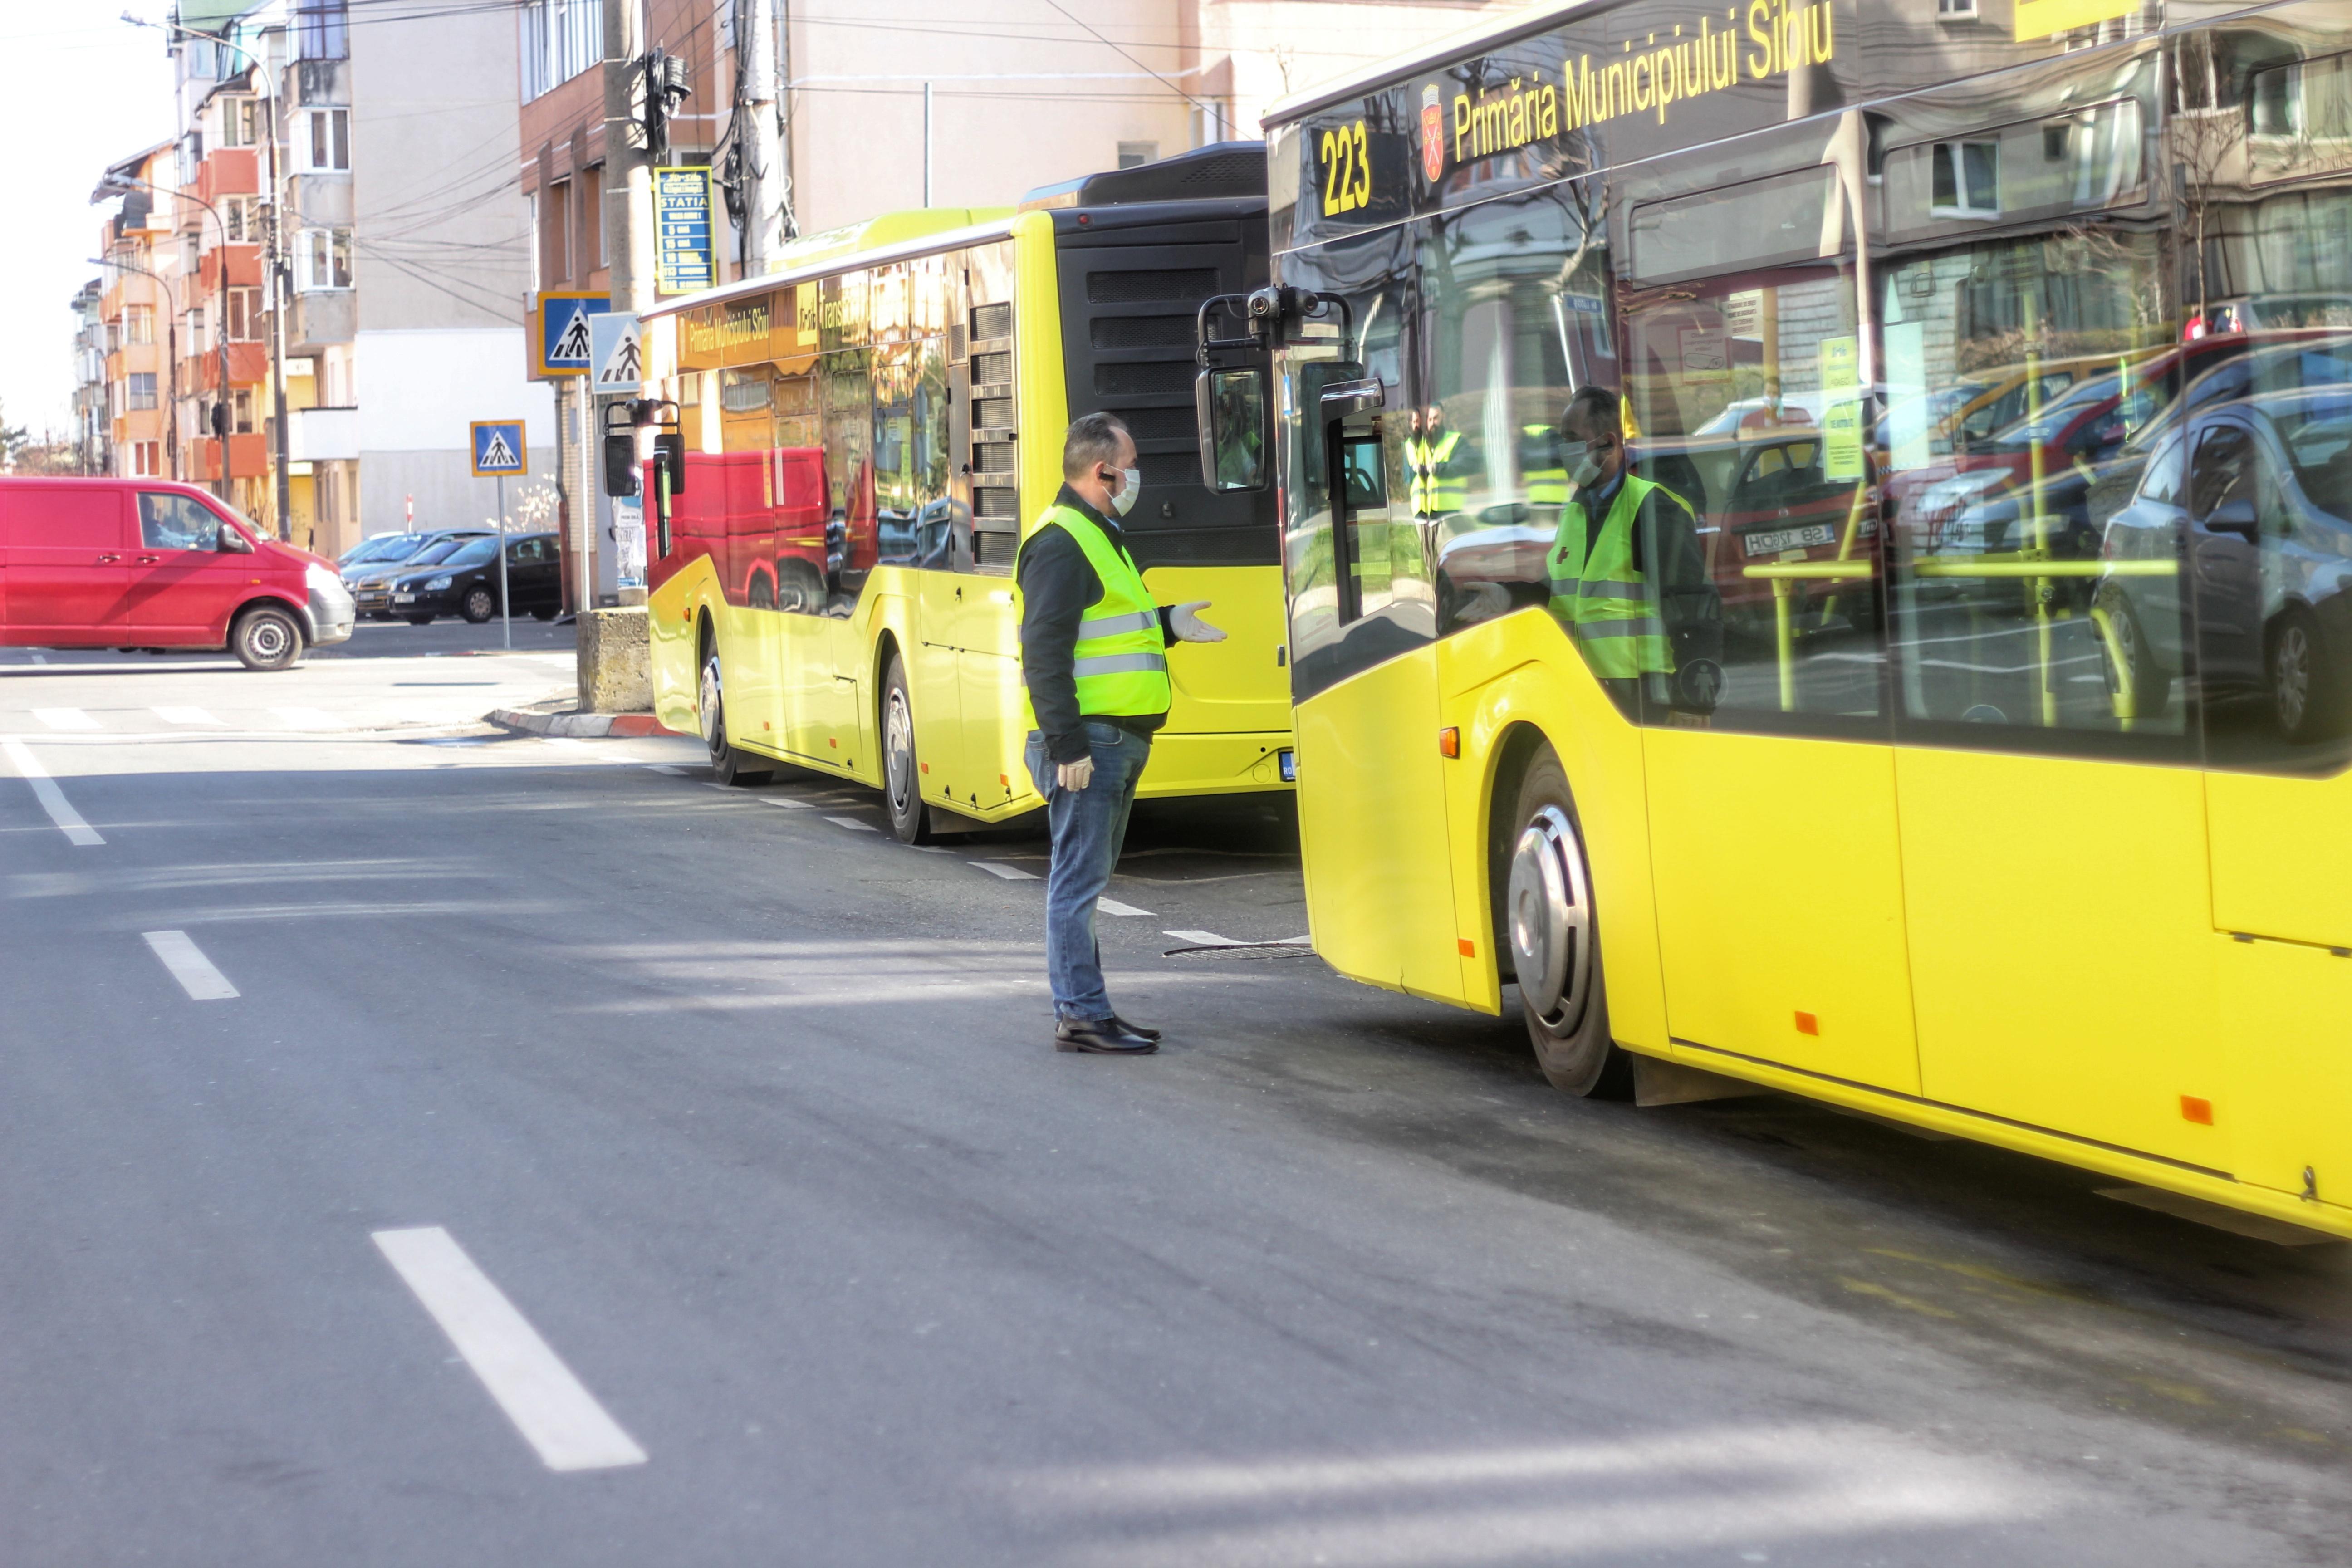 Elevii sibieni vor putea circula gratuit cu autobuzele Tursib